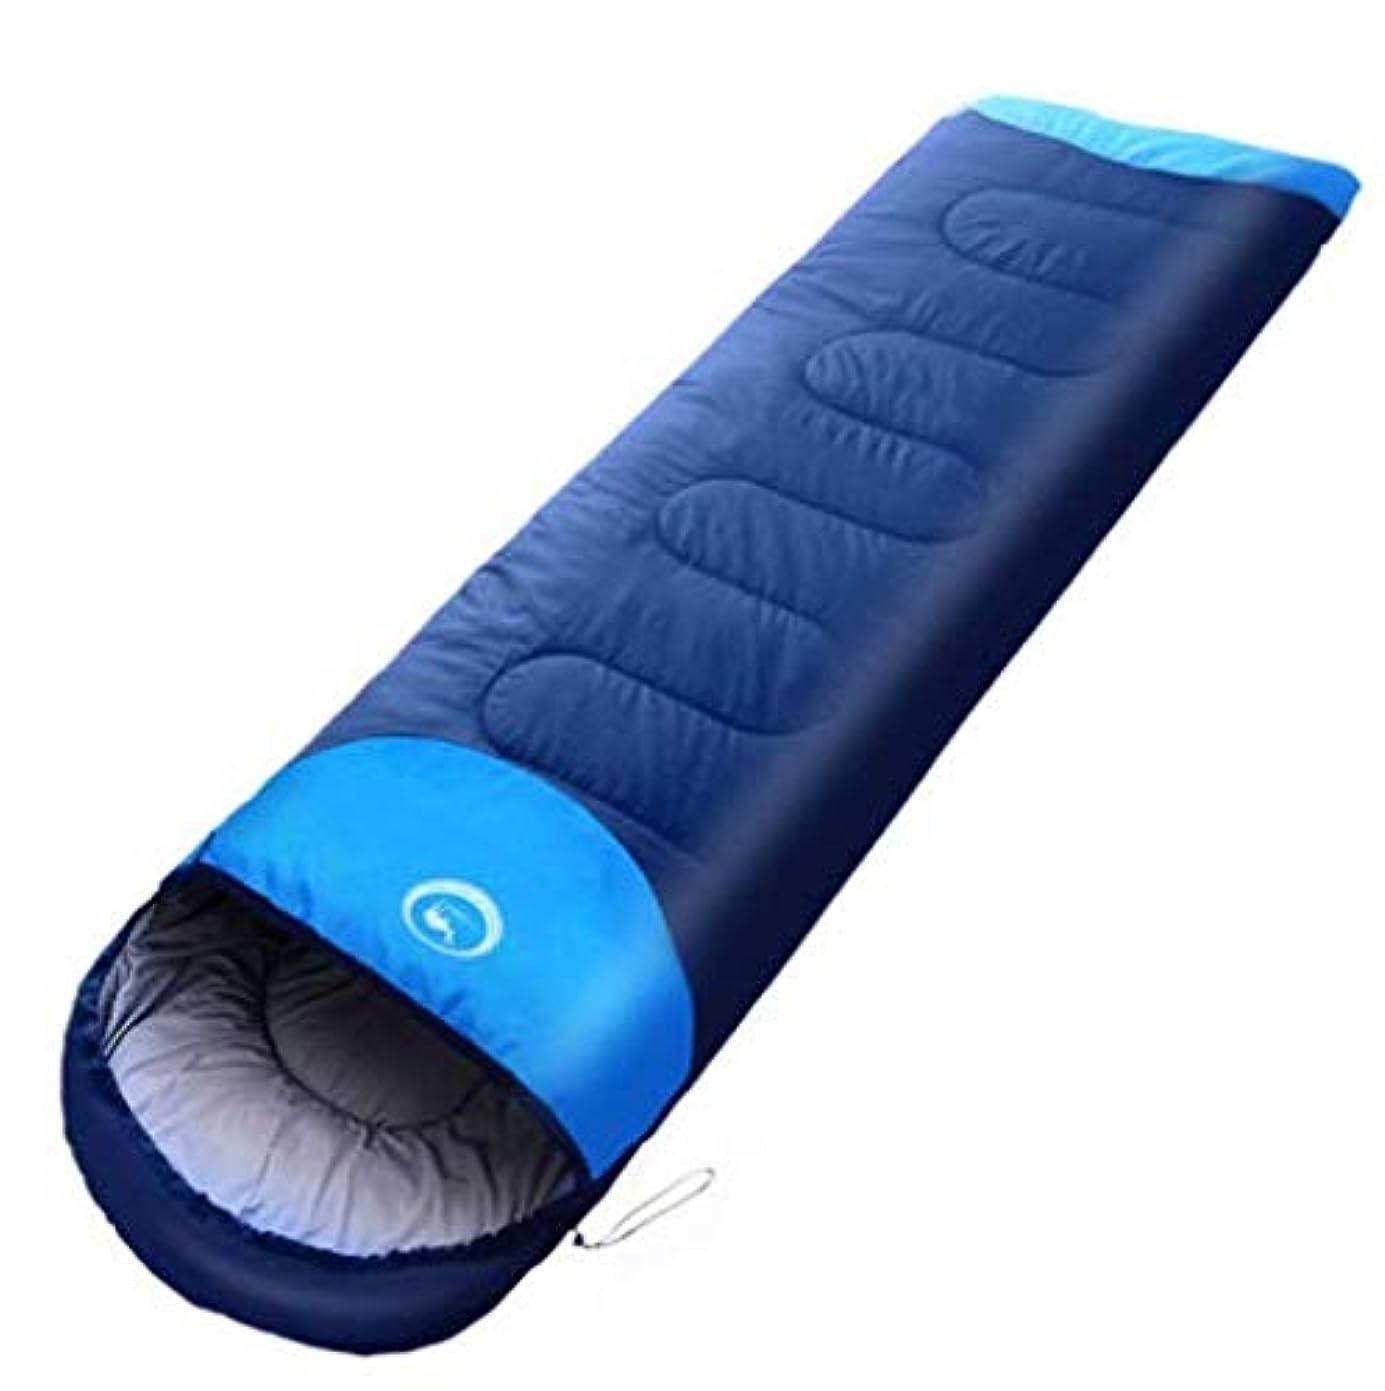 背の高いジーンズ主観的LYgMV 大人の寝袋アンチキックは綿の春と秋の屋外肥厚屋内ランチ休憩寝袋です。